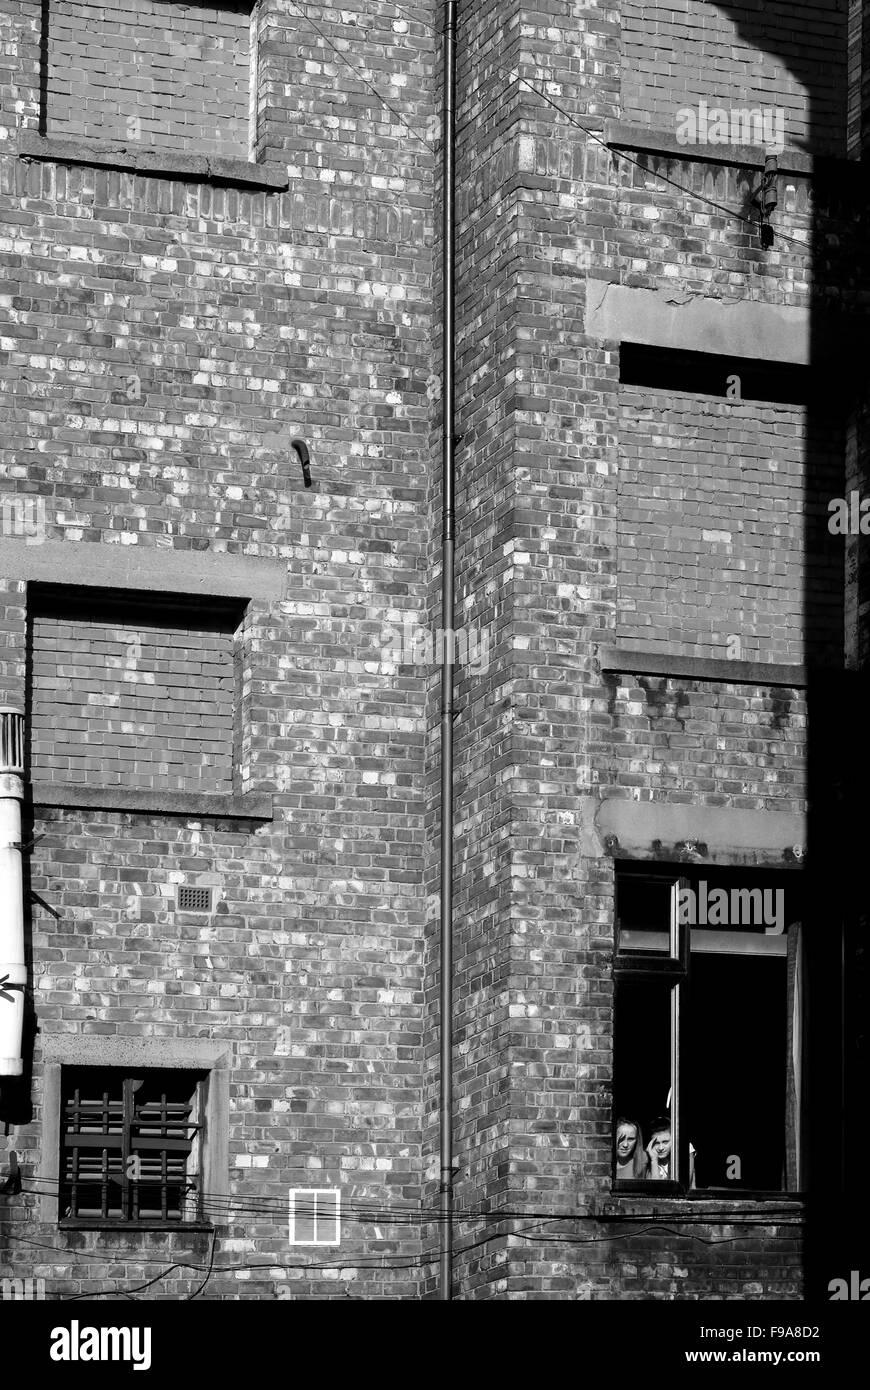 Watchers, Newcastle upon Tyne - Stock Image